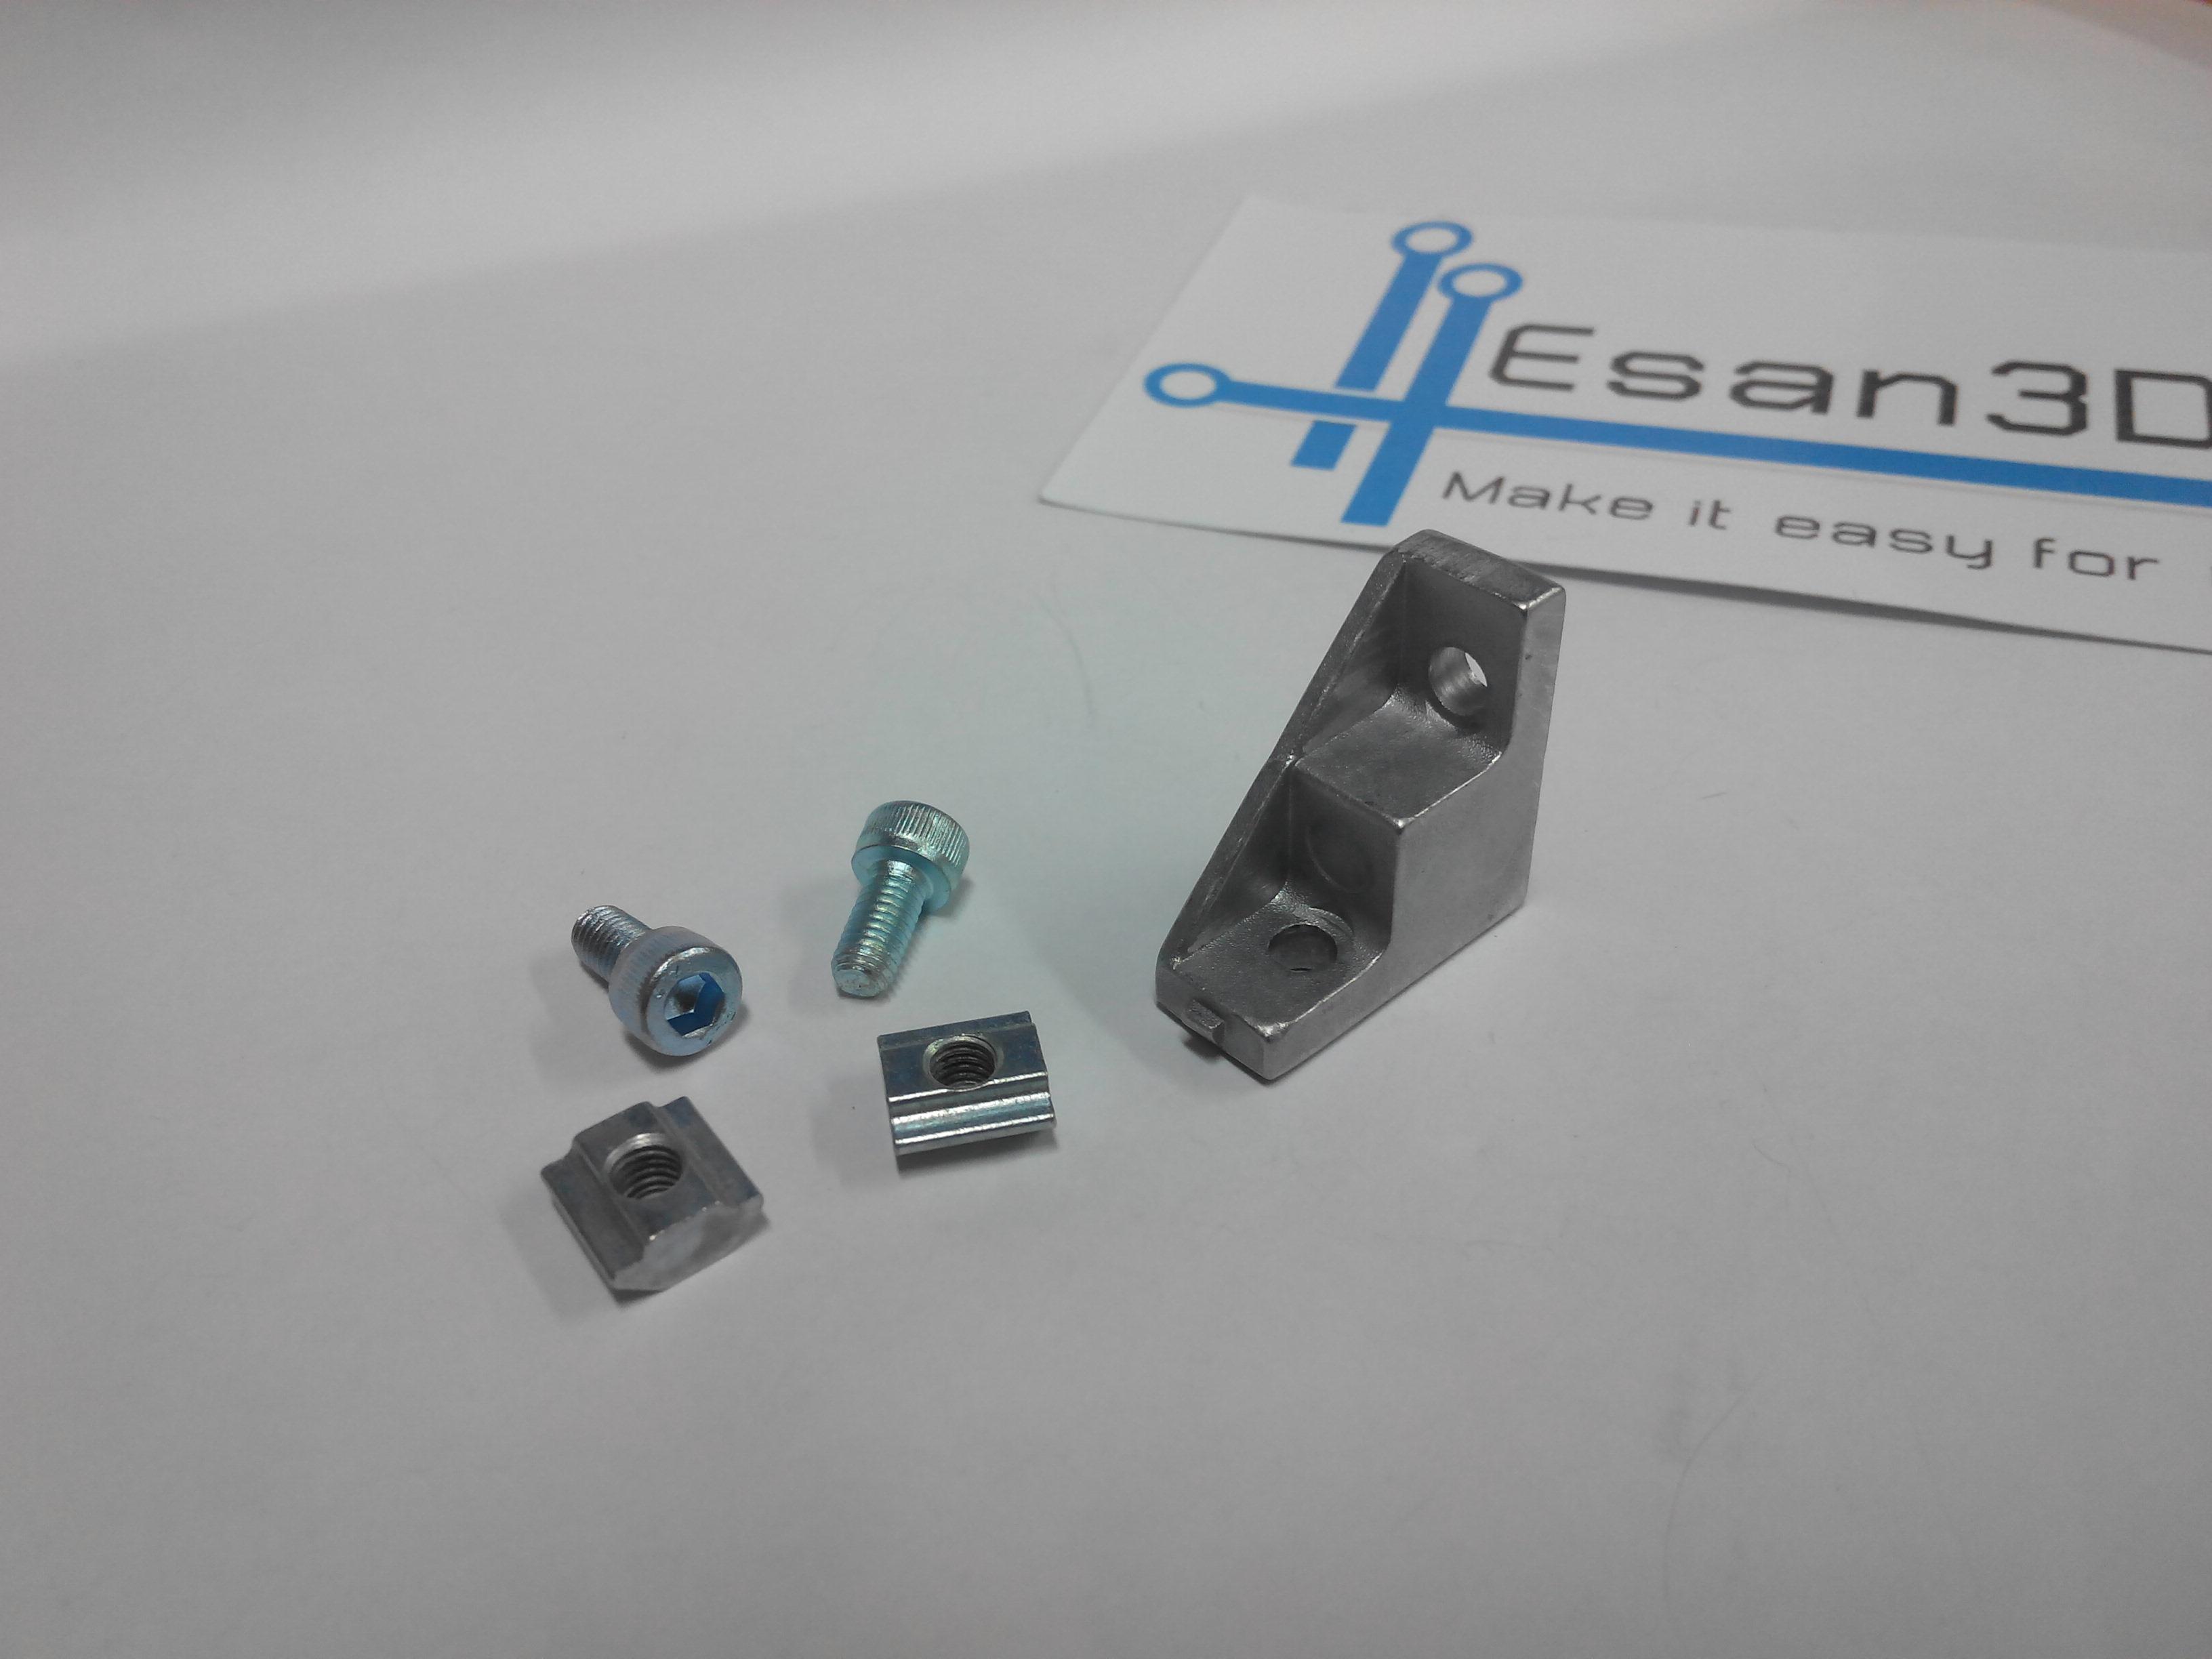 Bracket D 20 สำหรับอลูมิเนียมโปรไฟล์ 2020 (เล็ก) พร้อมชุดน็อตยึด T-Nut M5